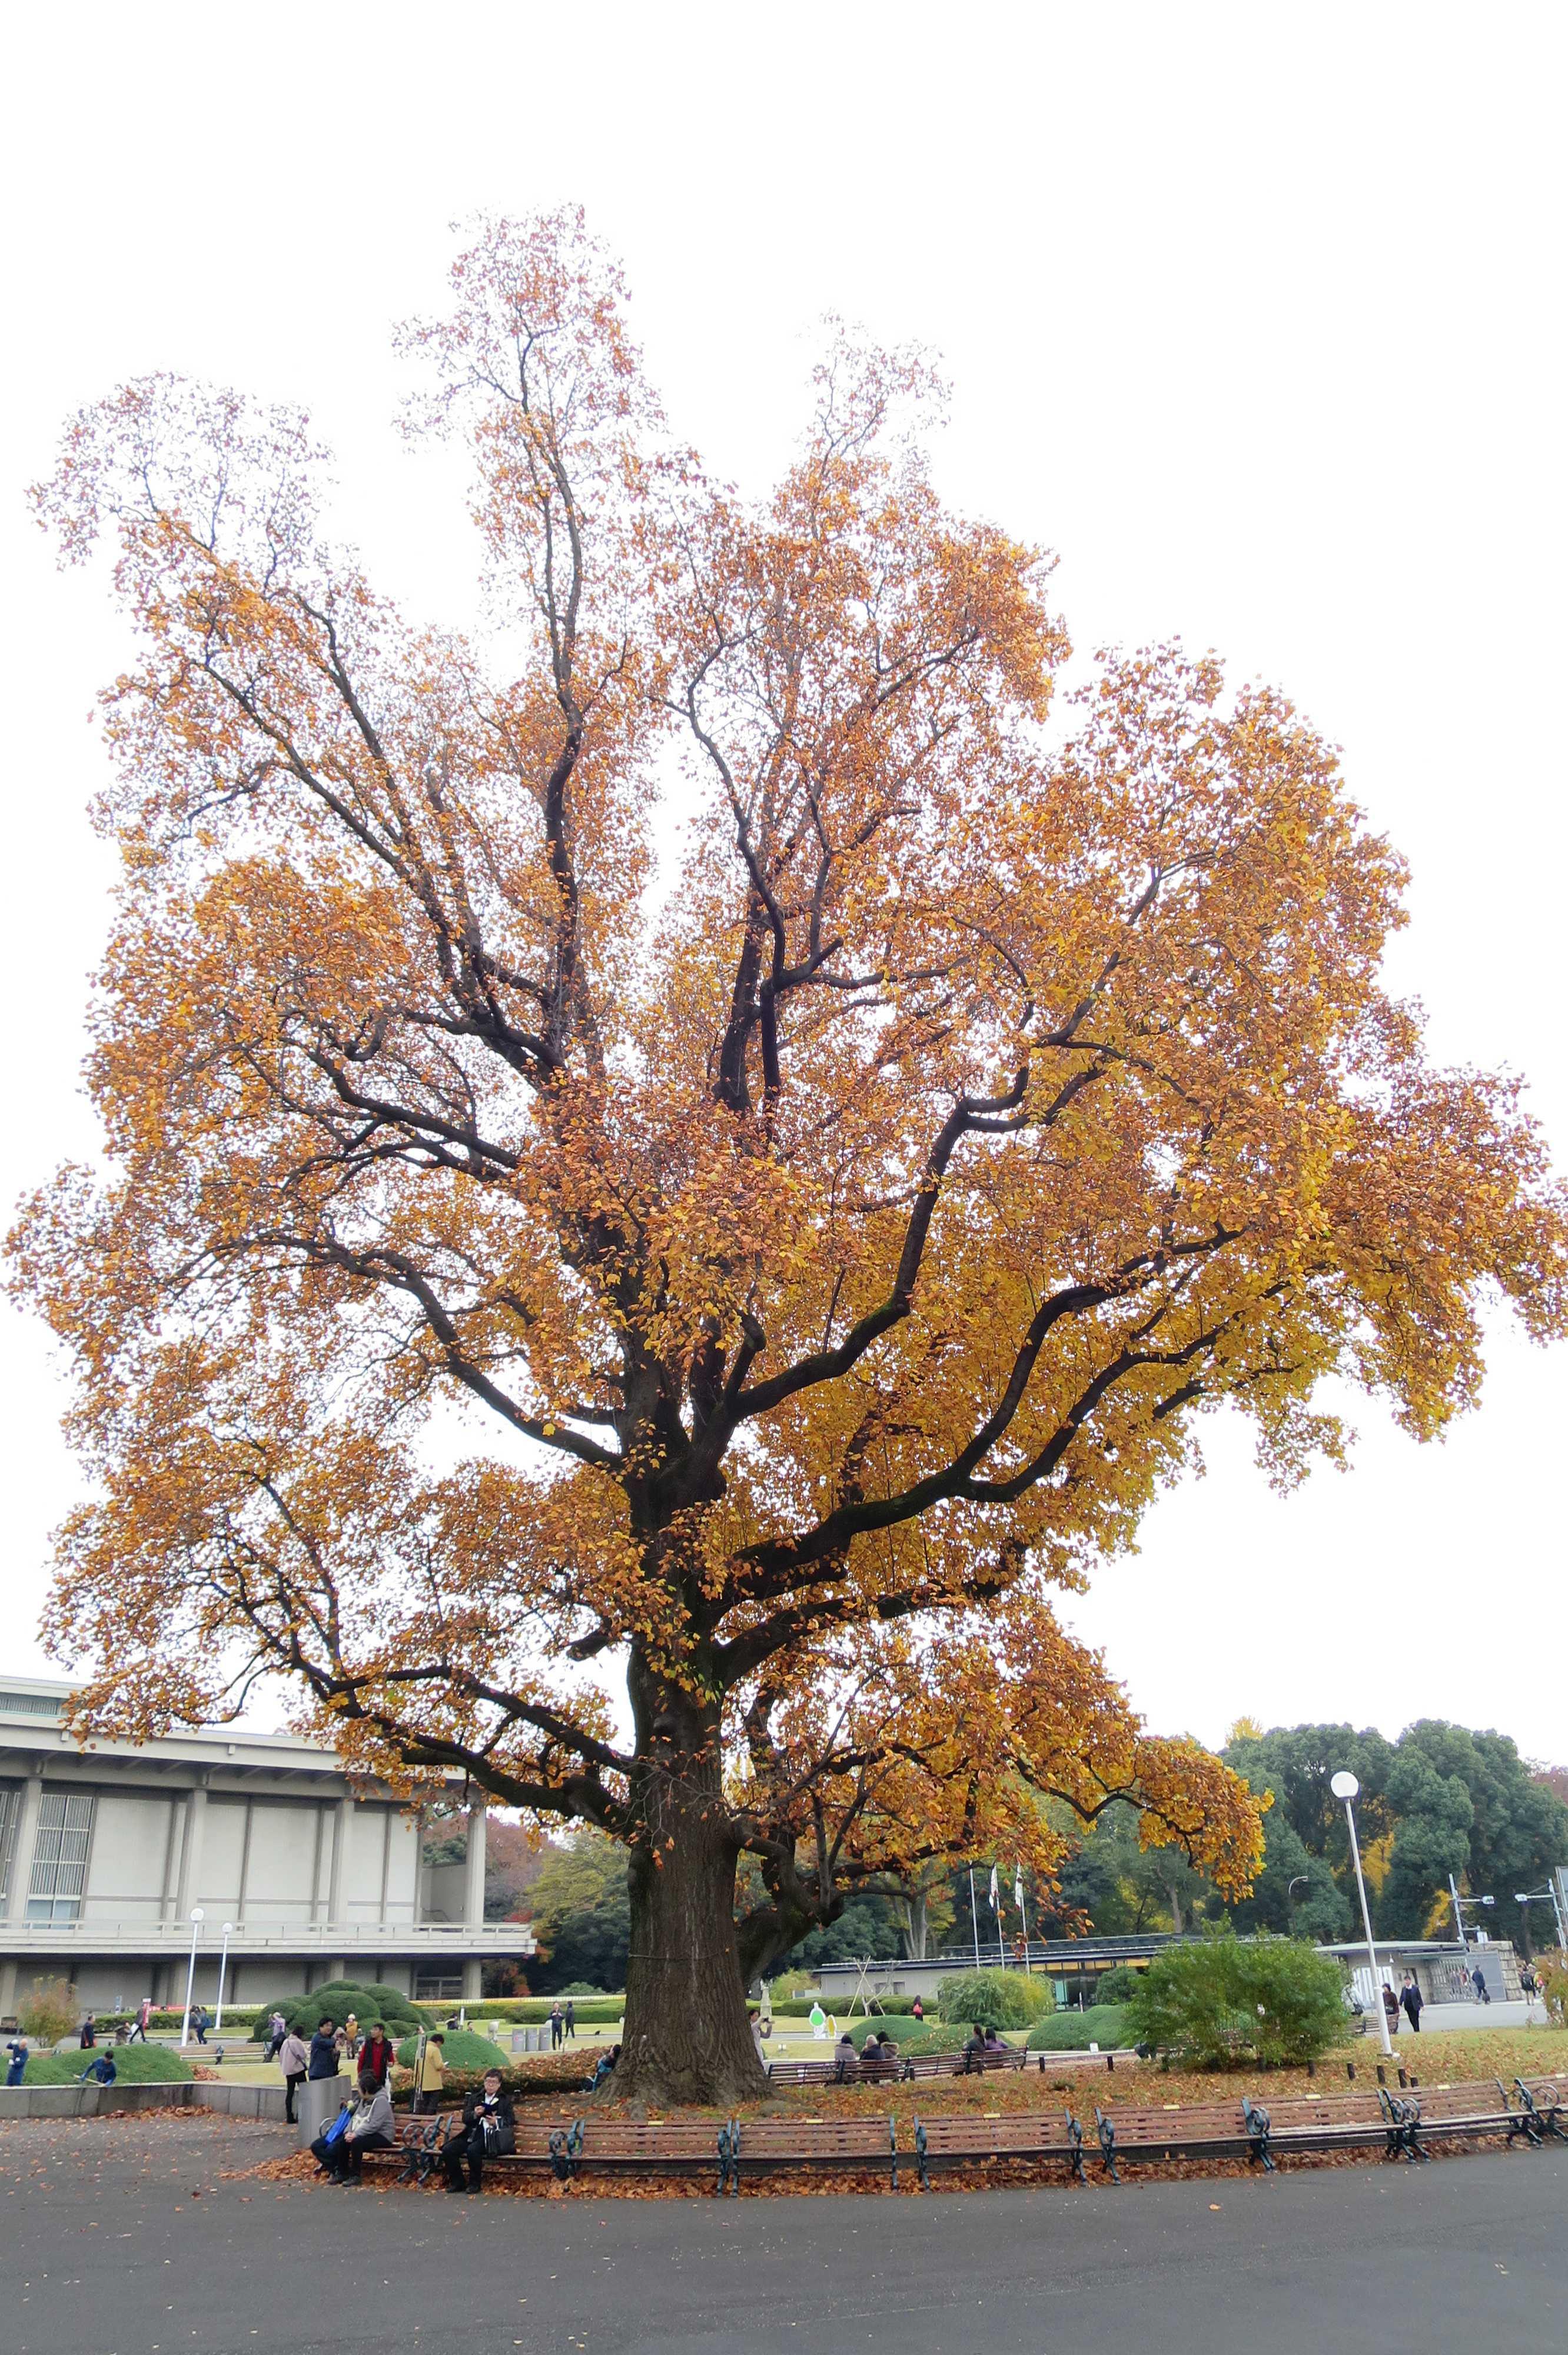 ユリノキの巨木 - 東京国立博物館